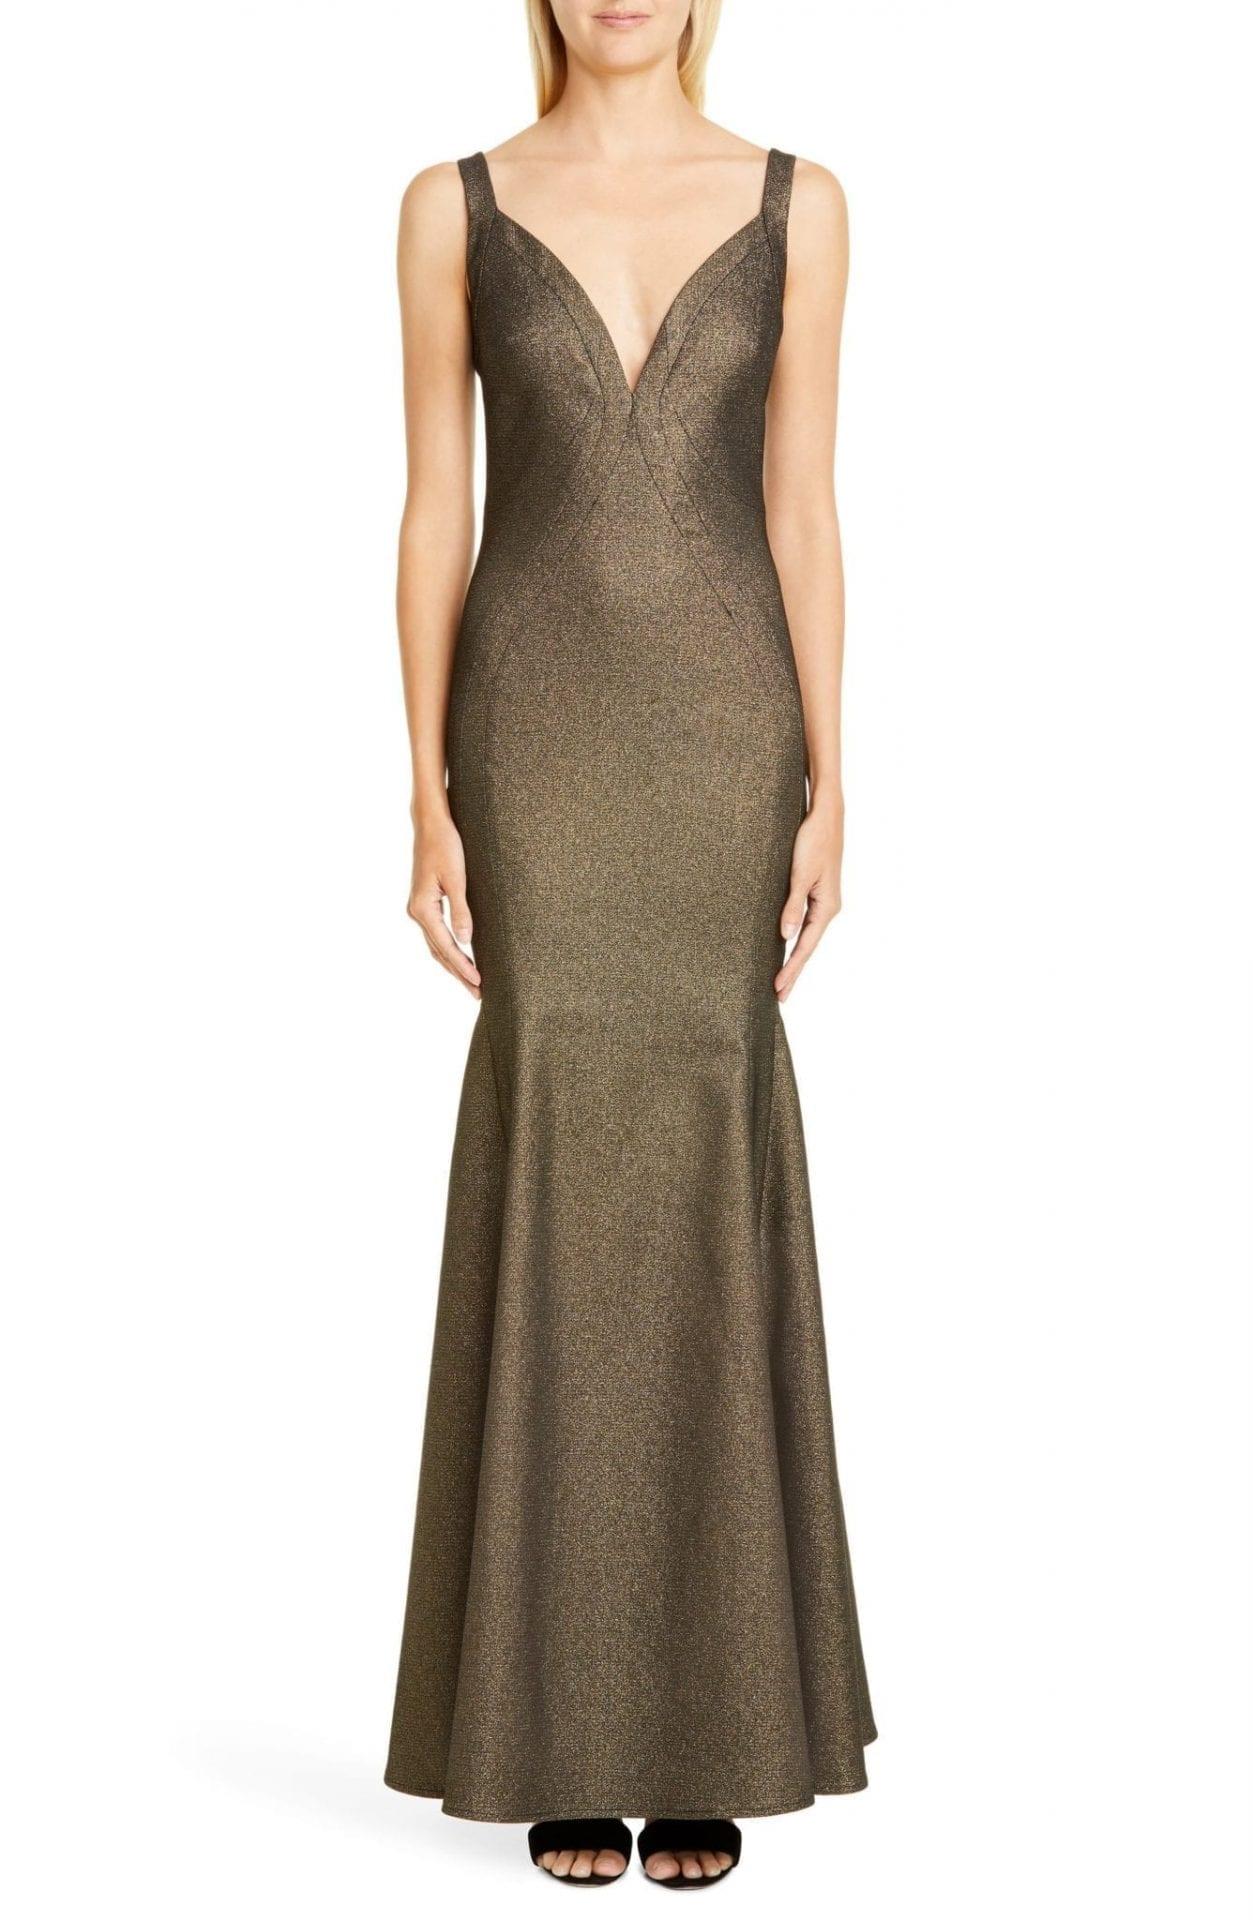 ZAC ZAC POSEN Stephanie Metallic Gown